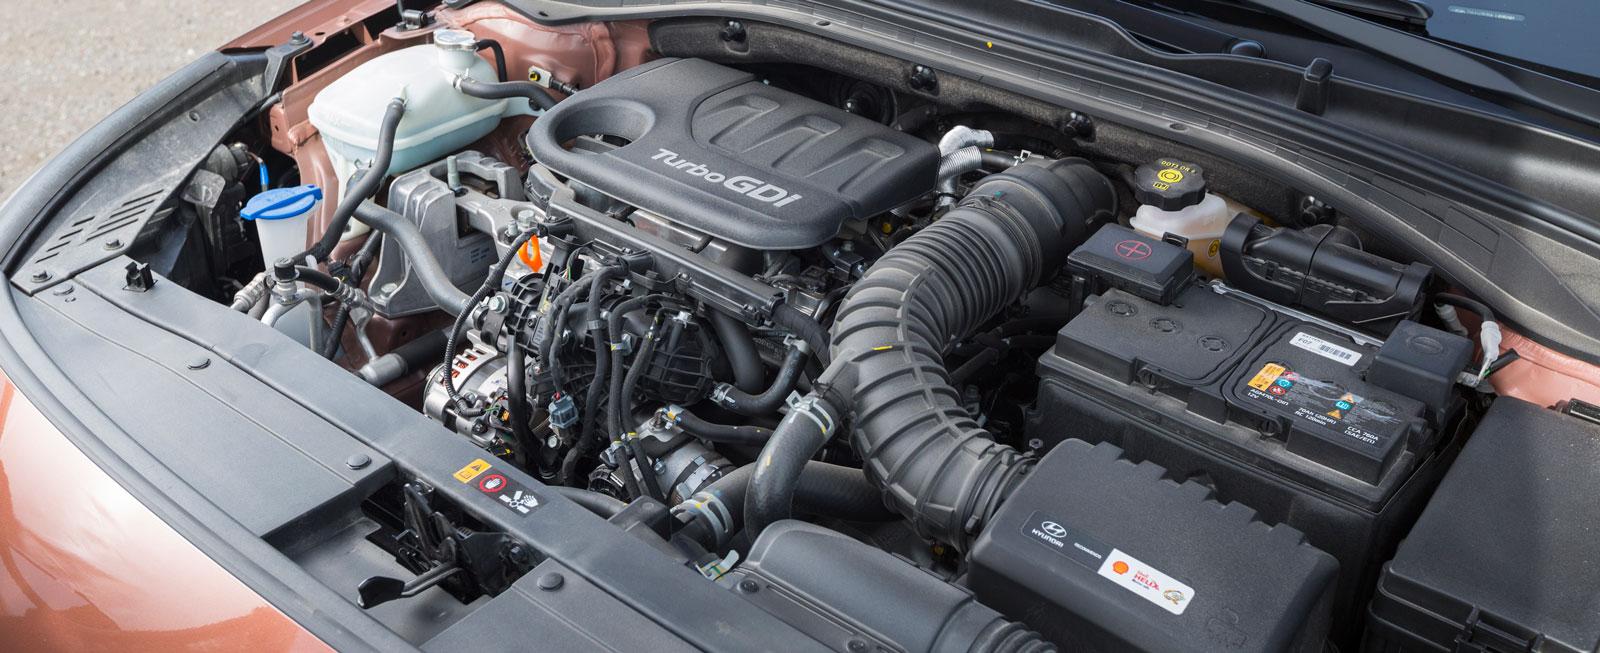 Hyundais trea är en ganska platt och karaktärslös maskin som inte känns alls lika modern som Hondas och Skodas. Dess-utom är bensintörsten klart högre.